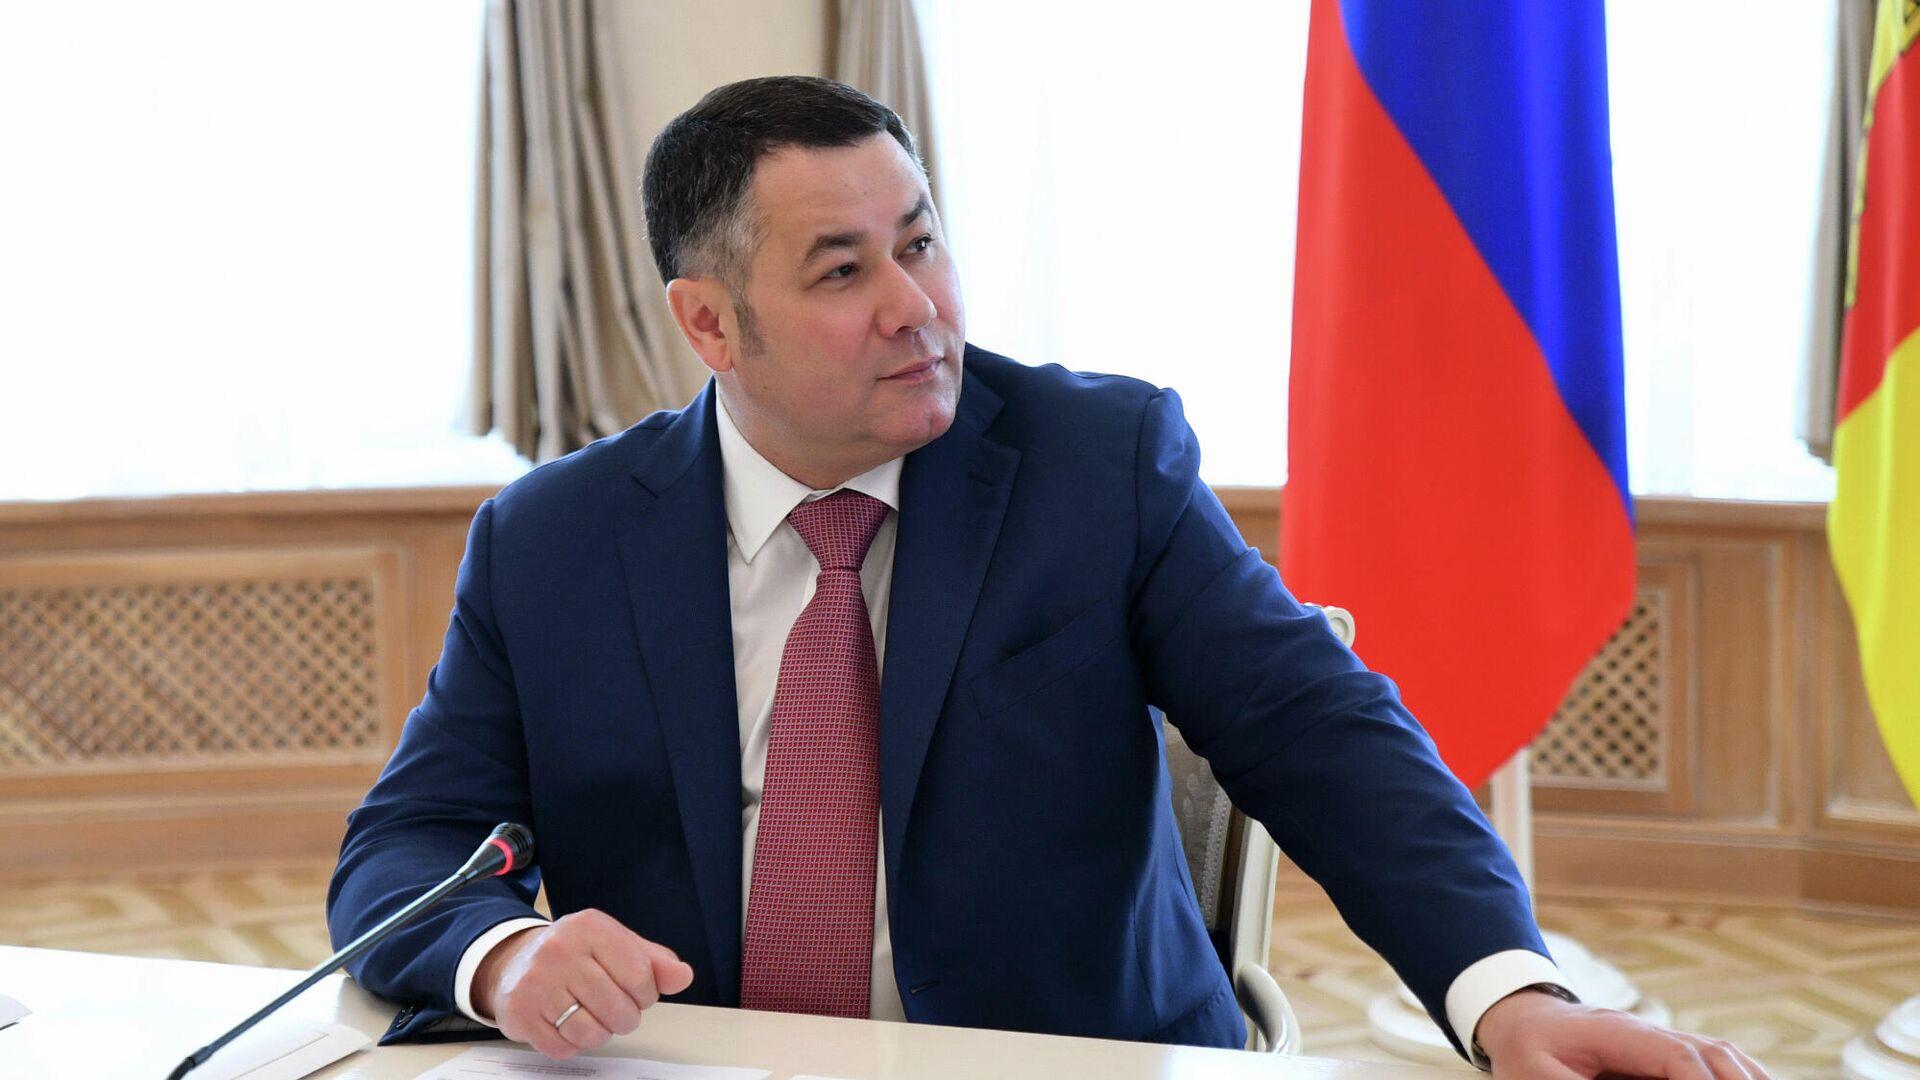 Доход главы Тверской области уменьшился более чем на миллион за год